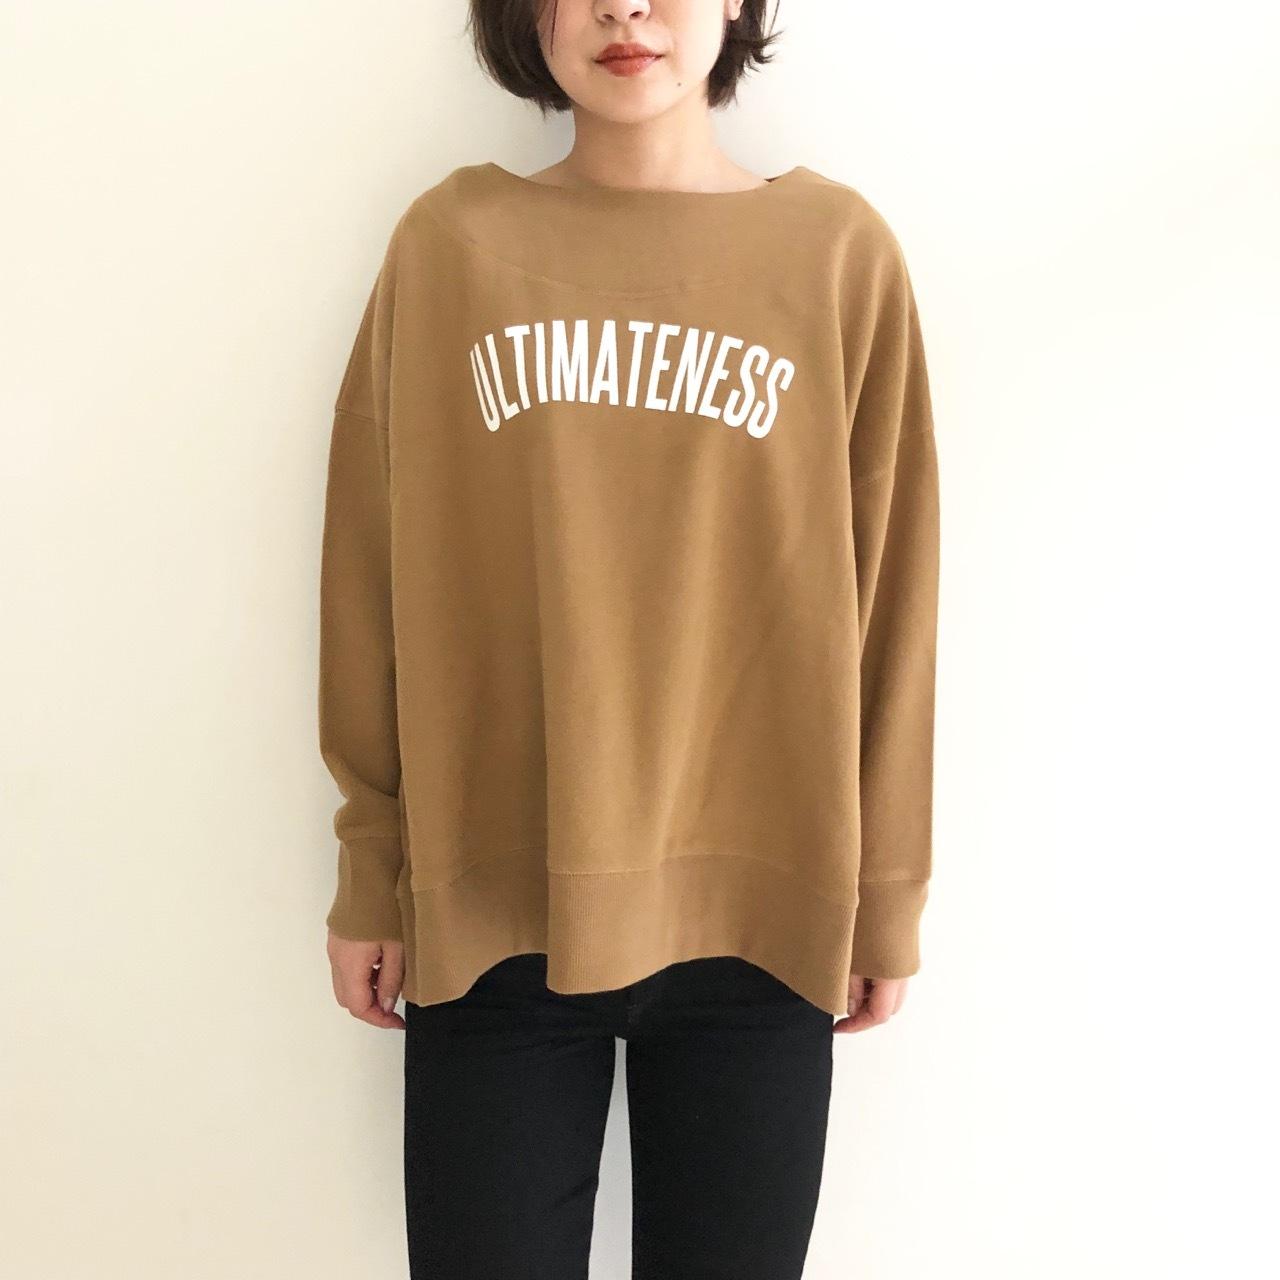 【 siro de labonte 】- R933217 - ロゴスウェットTeeシャツ